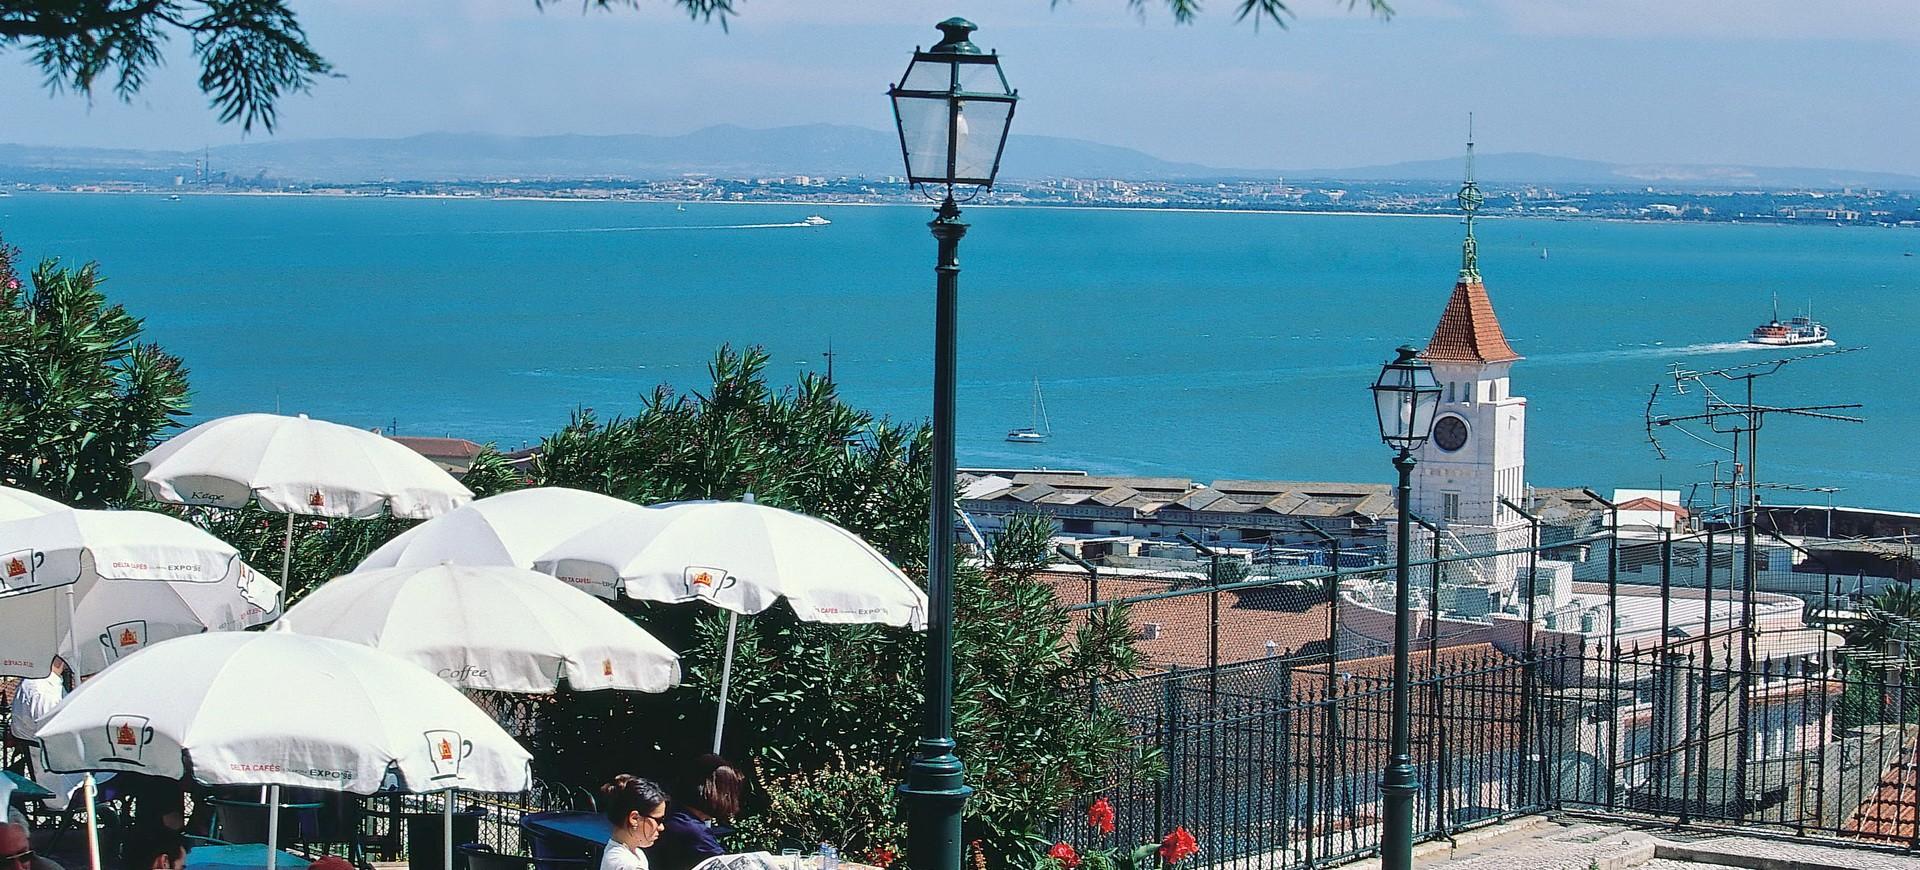 Portugal Lisbonne Vieille Ville Vue sur la Mer